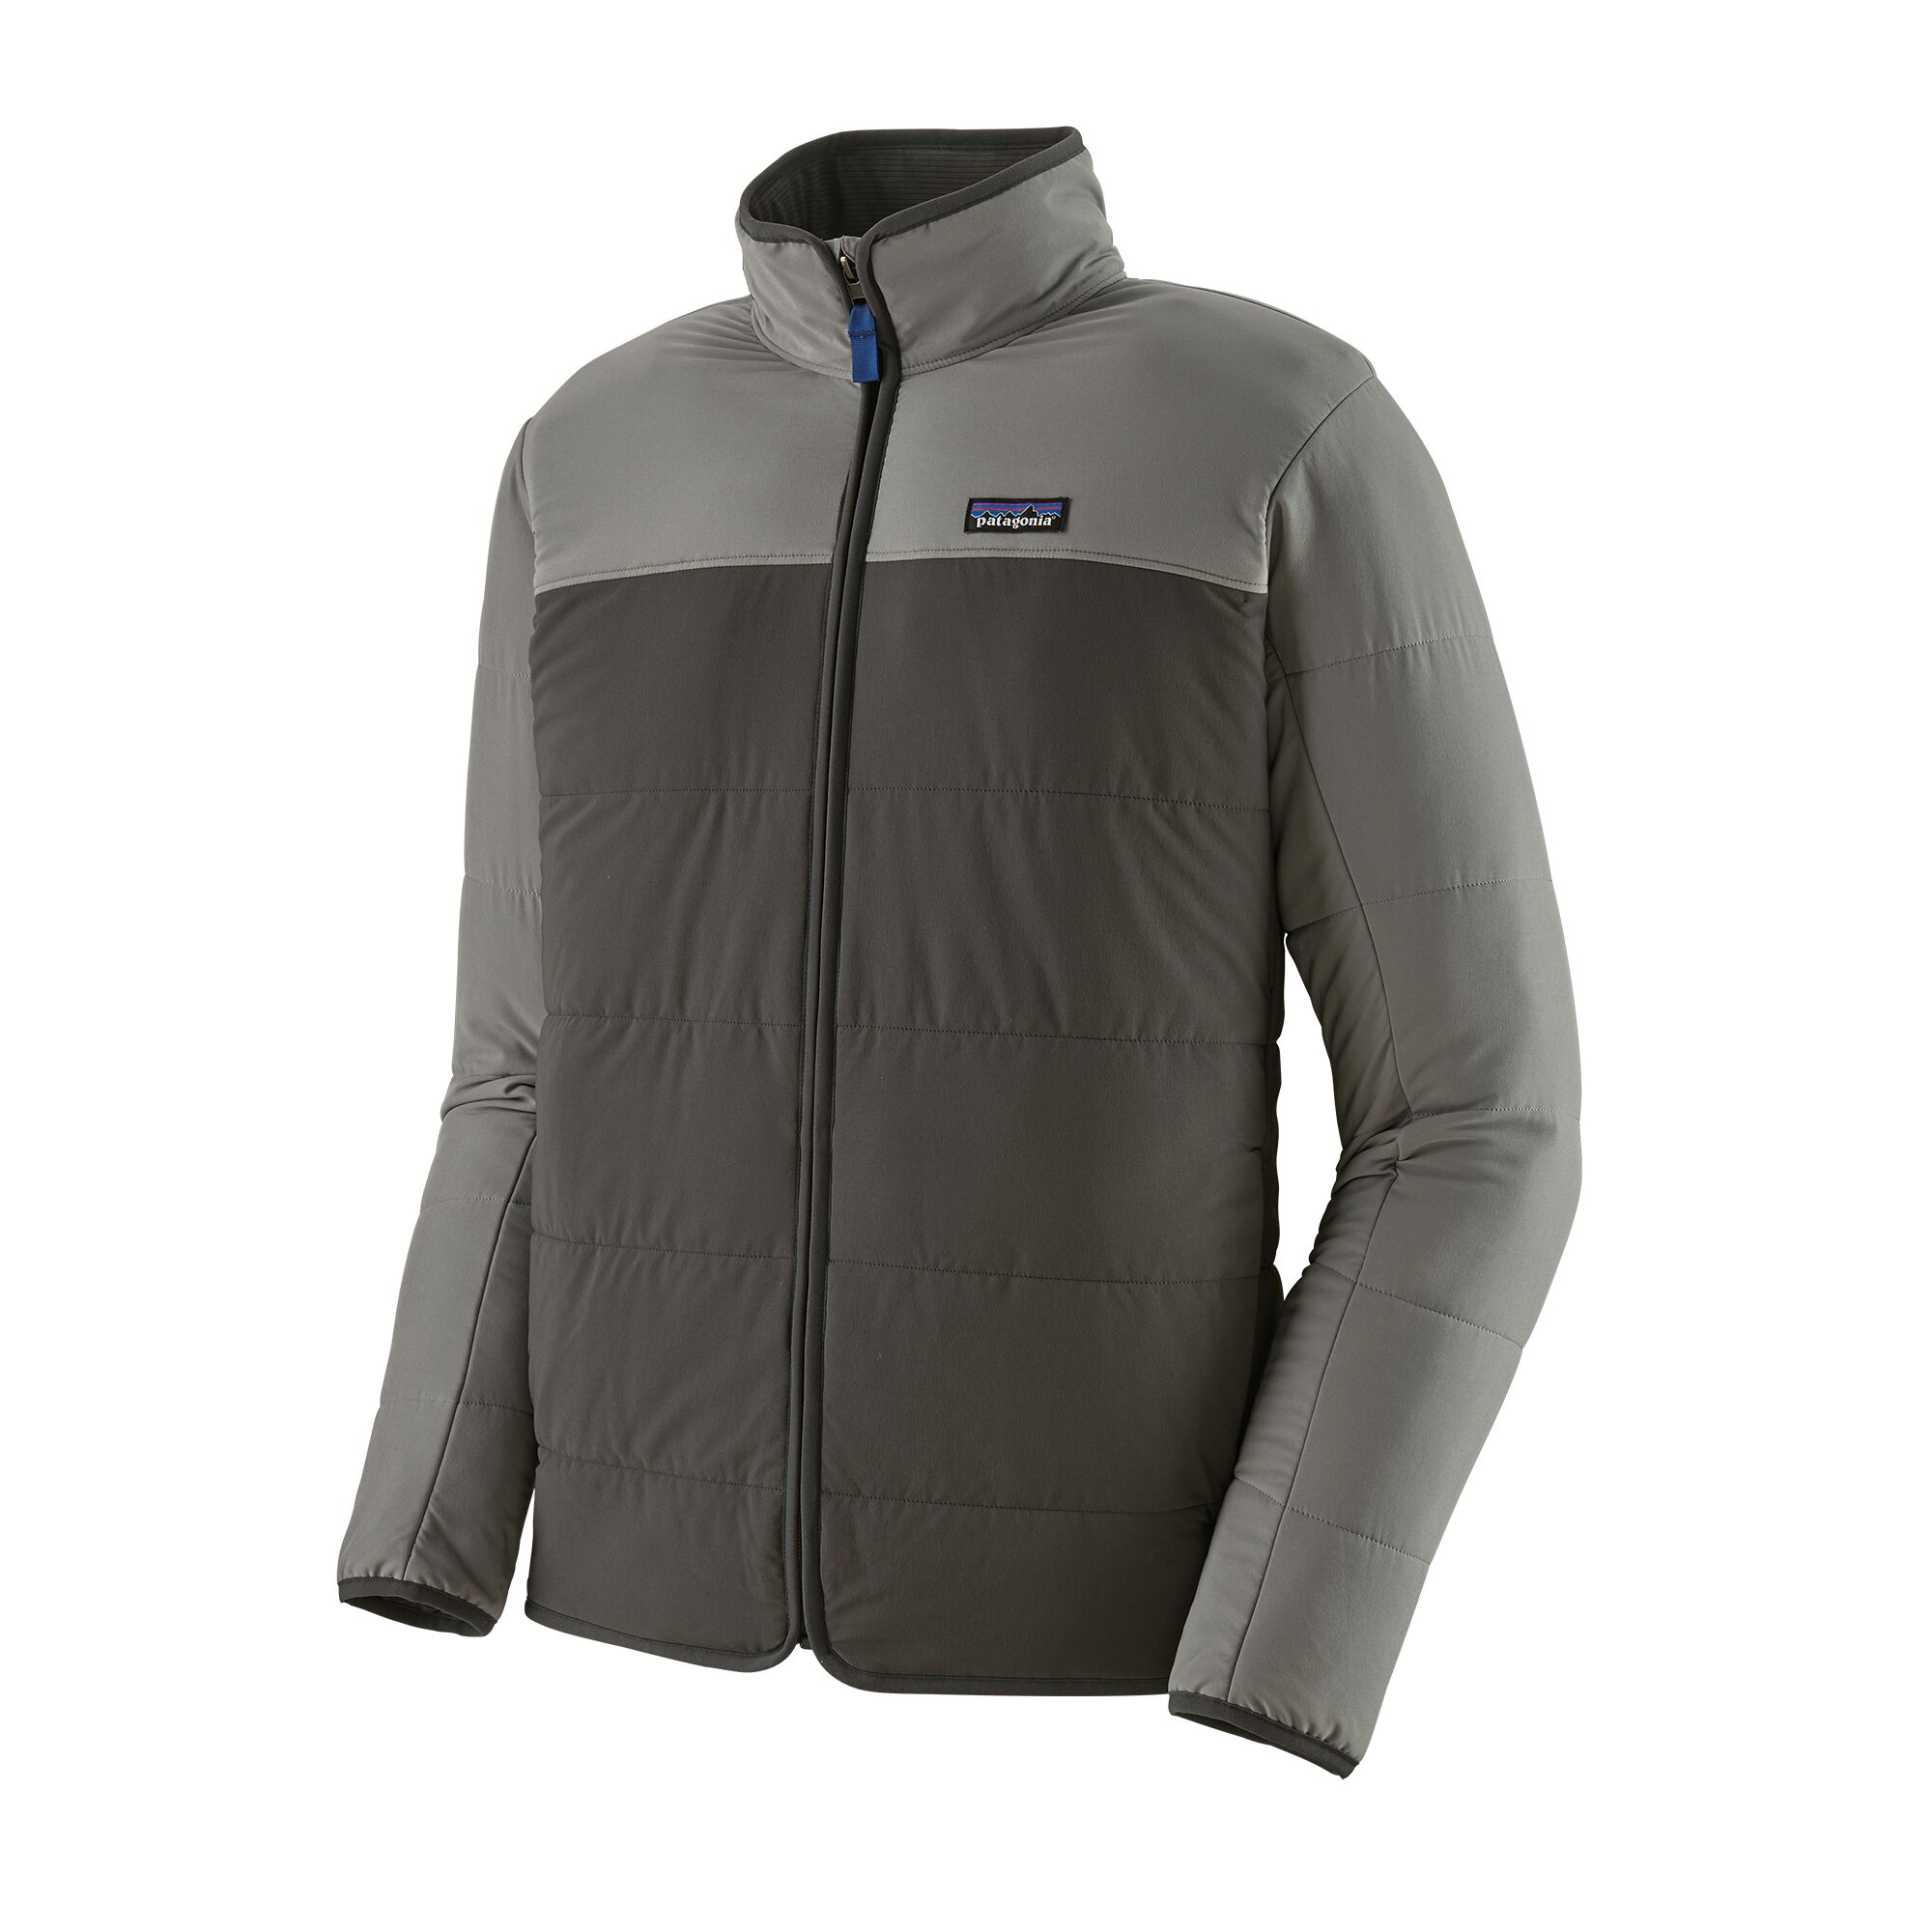 Patagonia Men's Pack In Jacket  (20945)